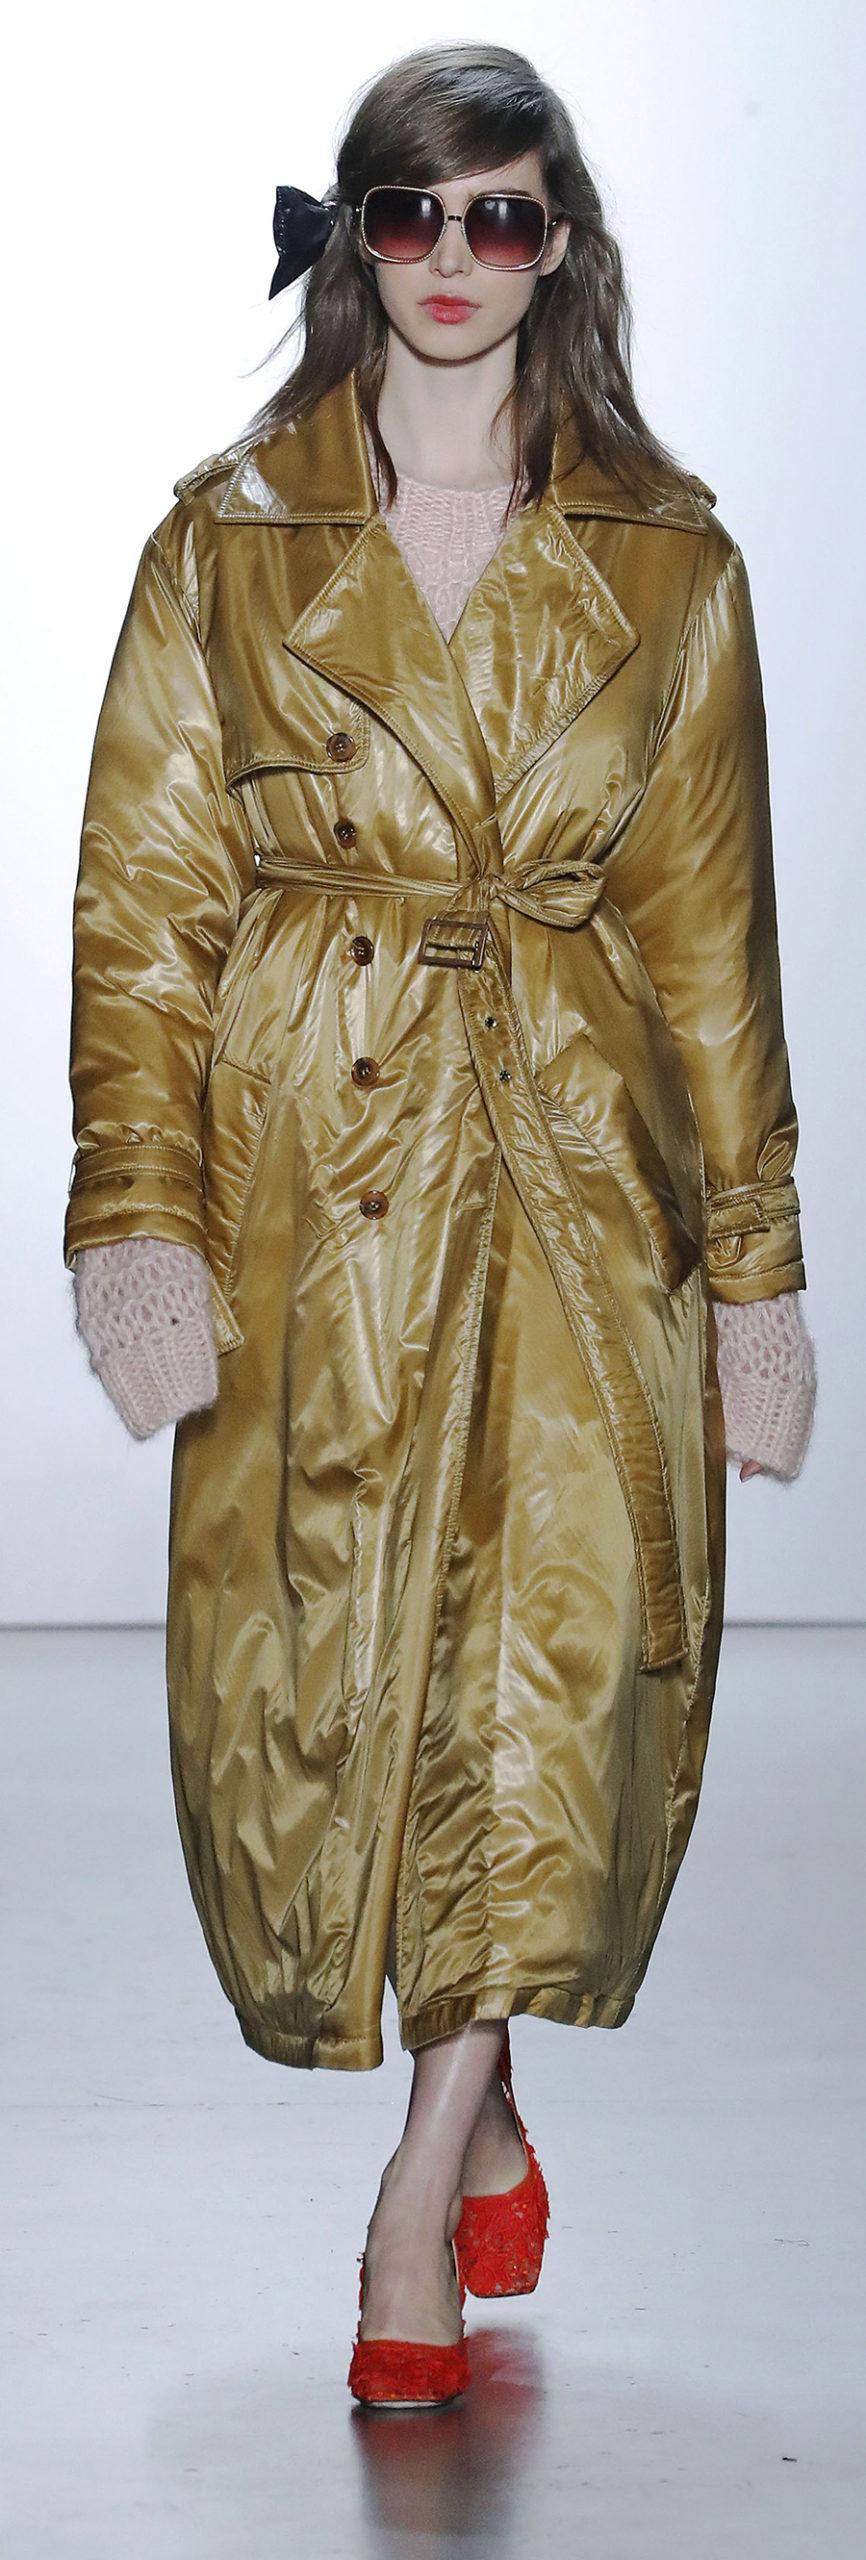 модный пуховик одеяло пальто халат осень зима 2020 2021 золотистый с поясом длинный оверсайз